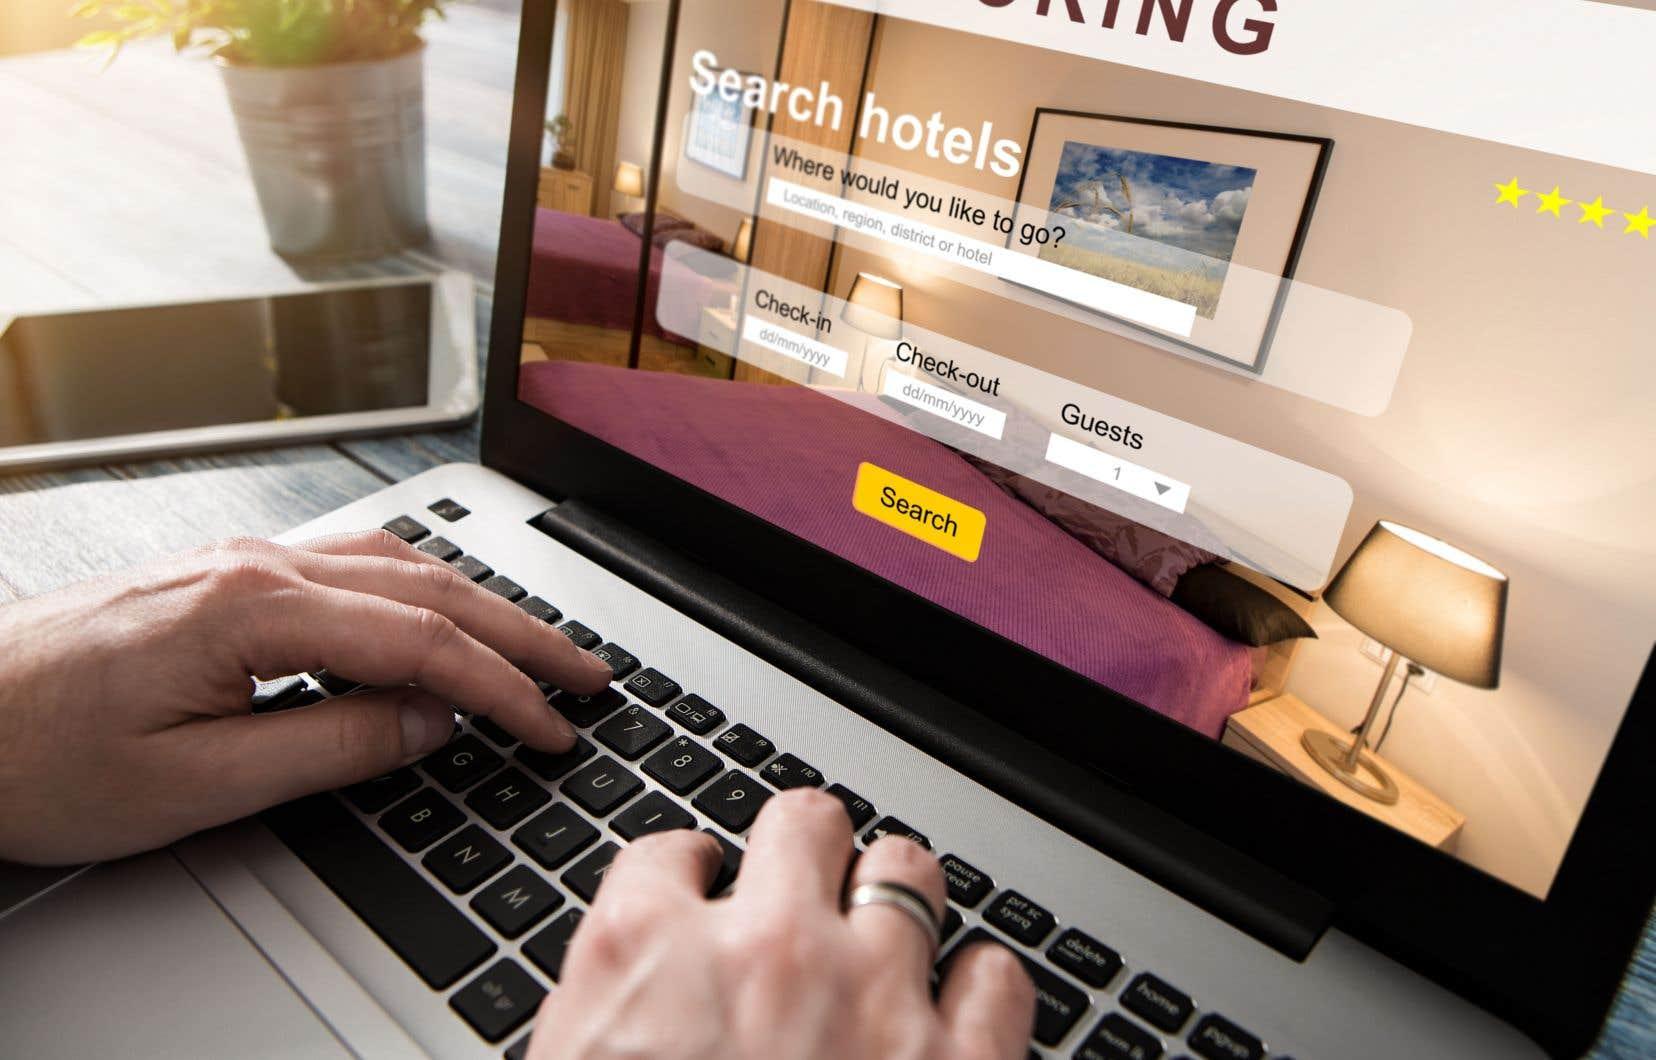 Chafik Mihoubi reproche à 13 sites de réservation d'hébergement en ligne d'afficher des prix incomplets, qui ne tiennent pas compte de plusieurs séries de frais.